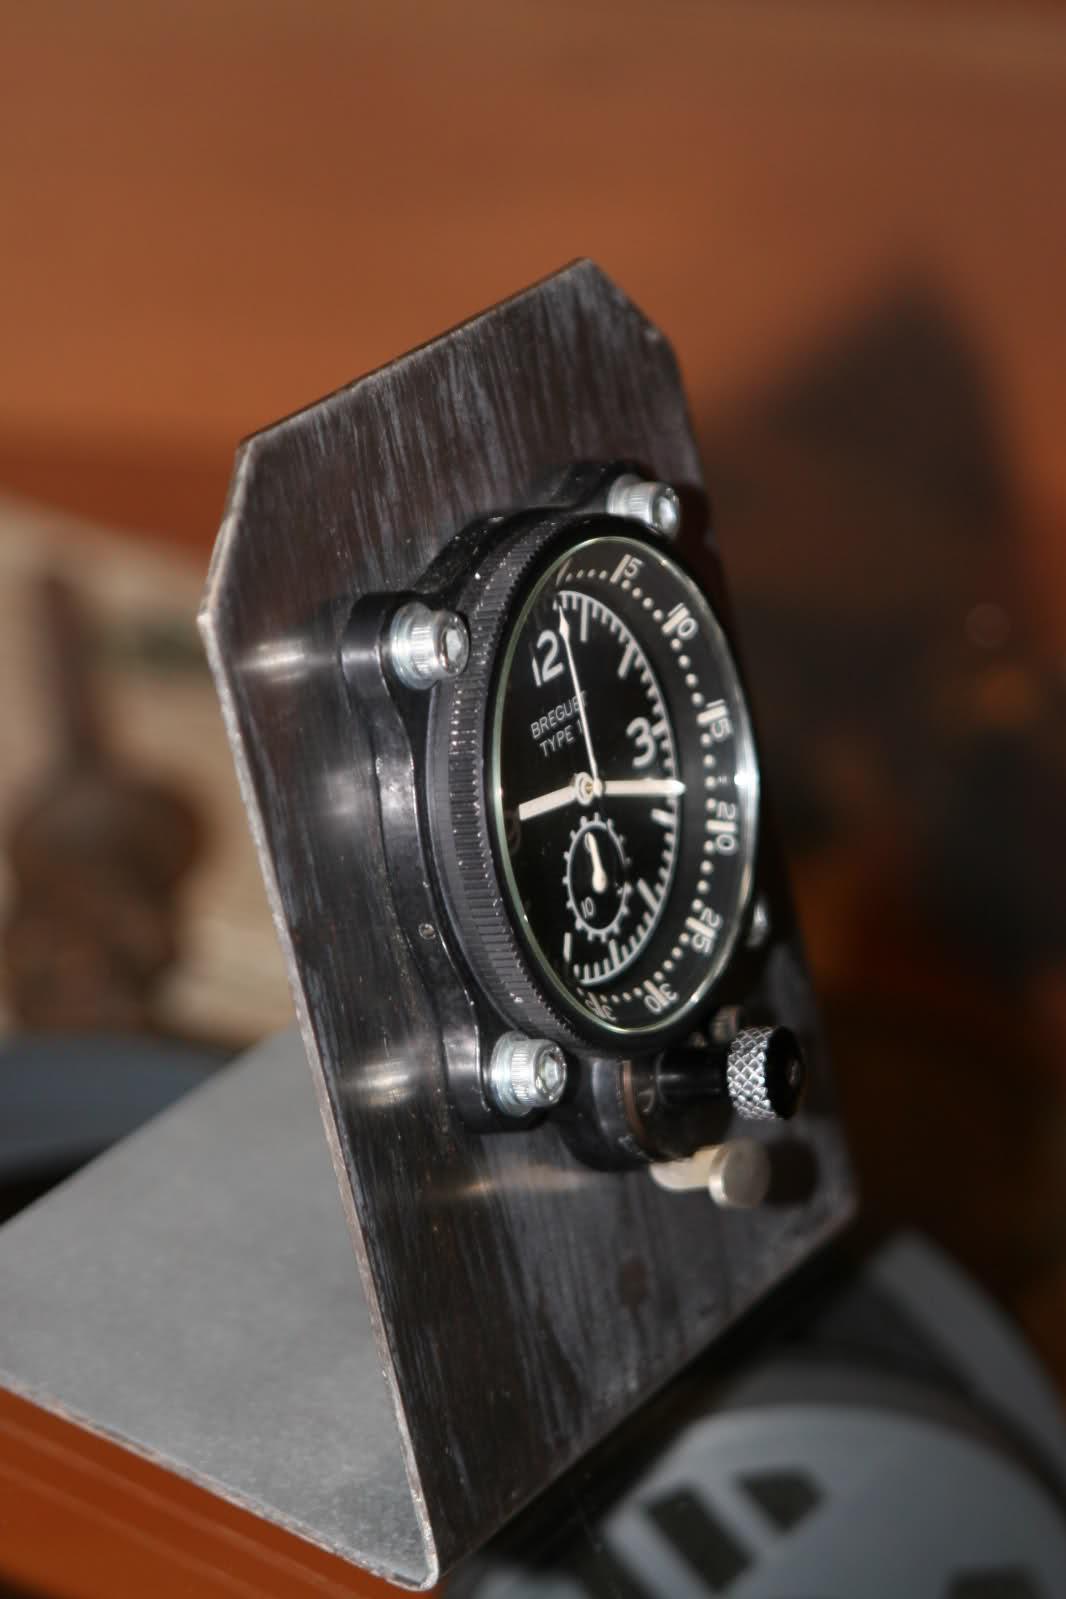 Montre de bord BREGUET type 11 20z76m0